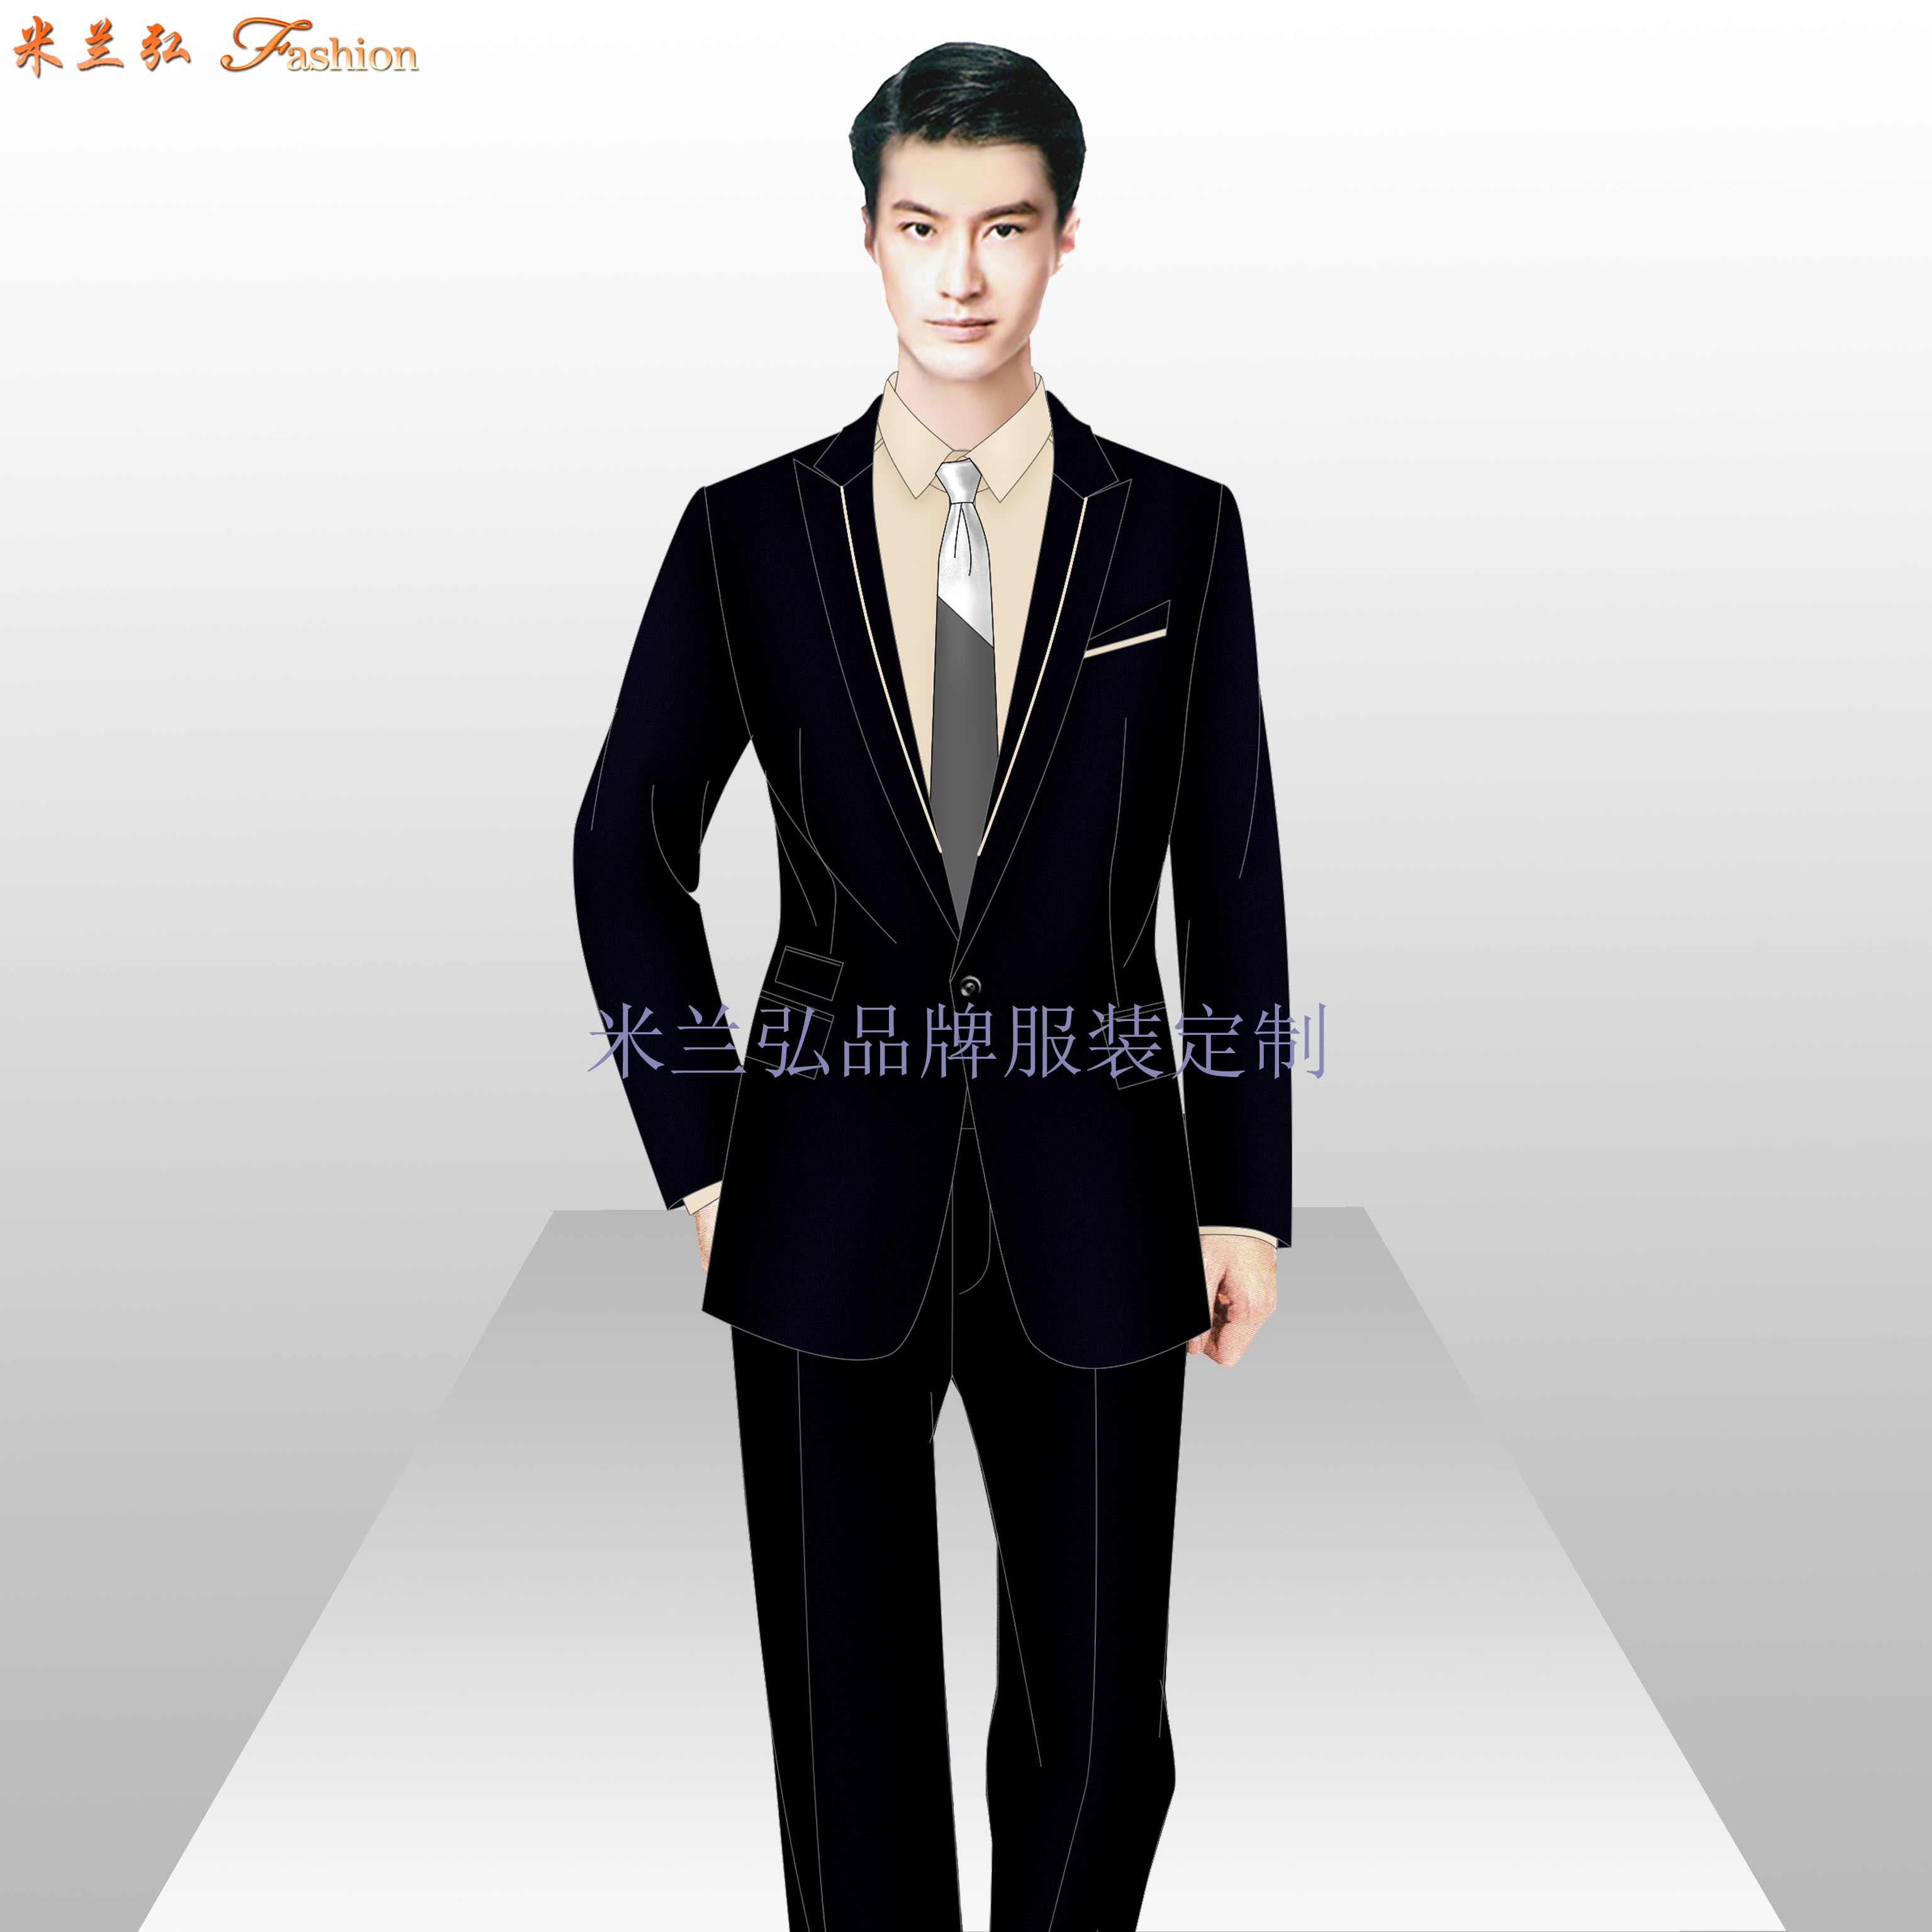 懷柔區西服定製_北京懷柔職業裝訂做-最新送体验金网站服裝廠家-5